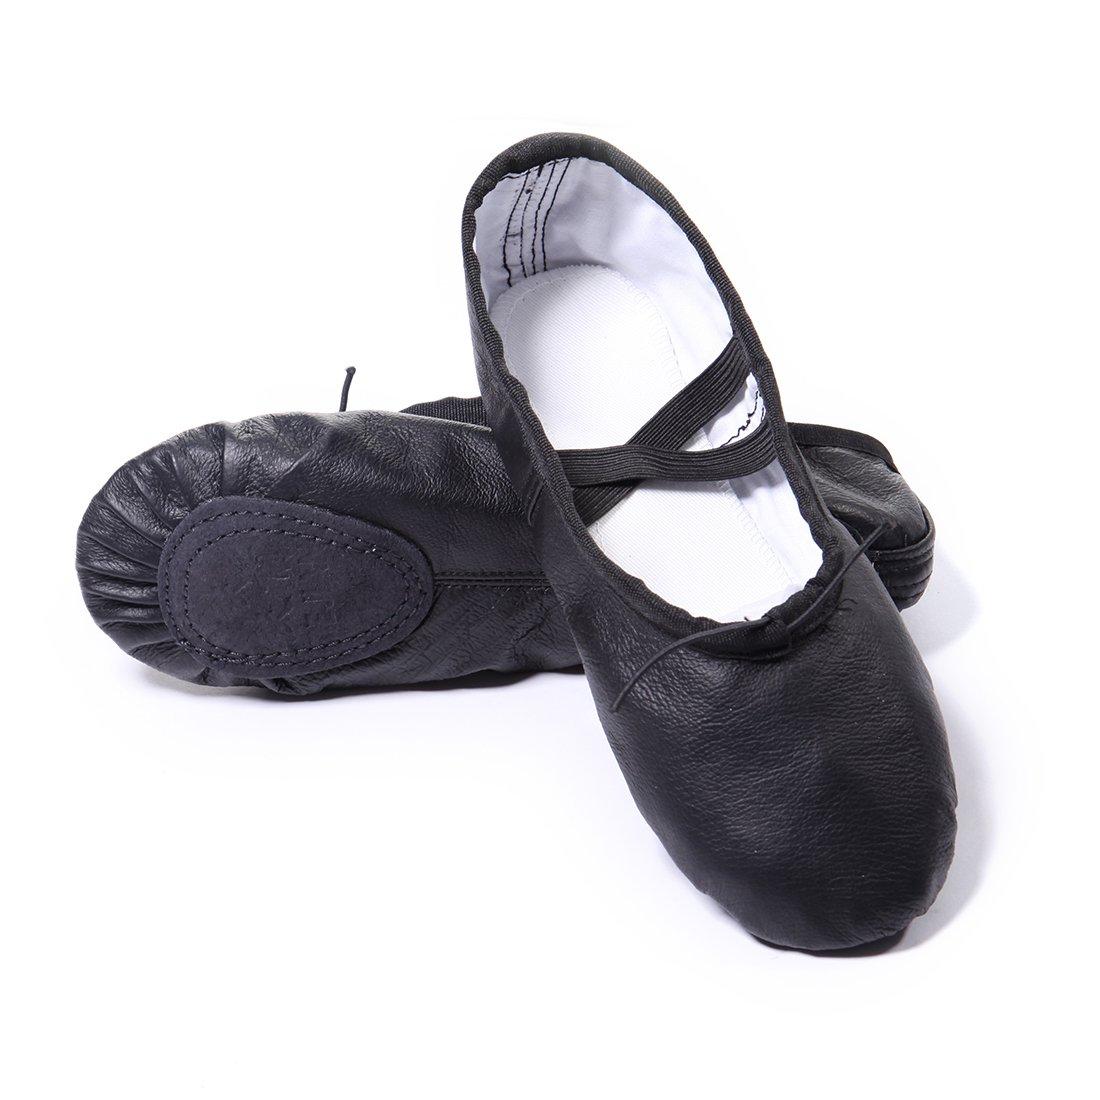 DoGeek Chaussure Ballet Ballerine Noire Chaussure de Danse Chaussures Pilates Chausson Cuir...